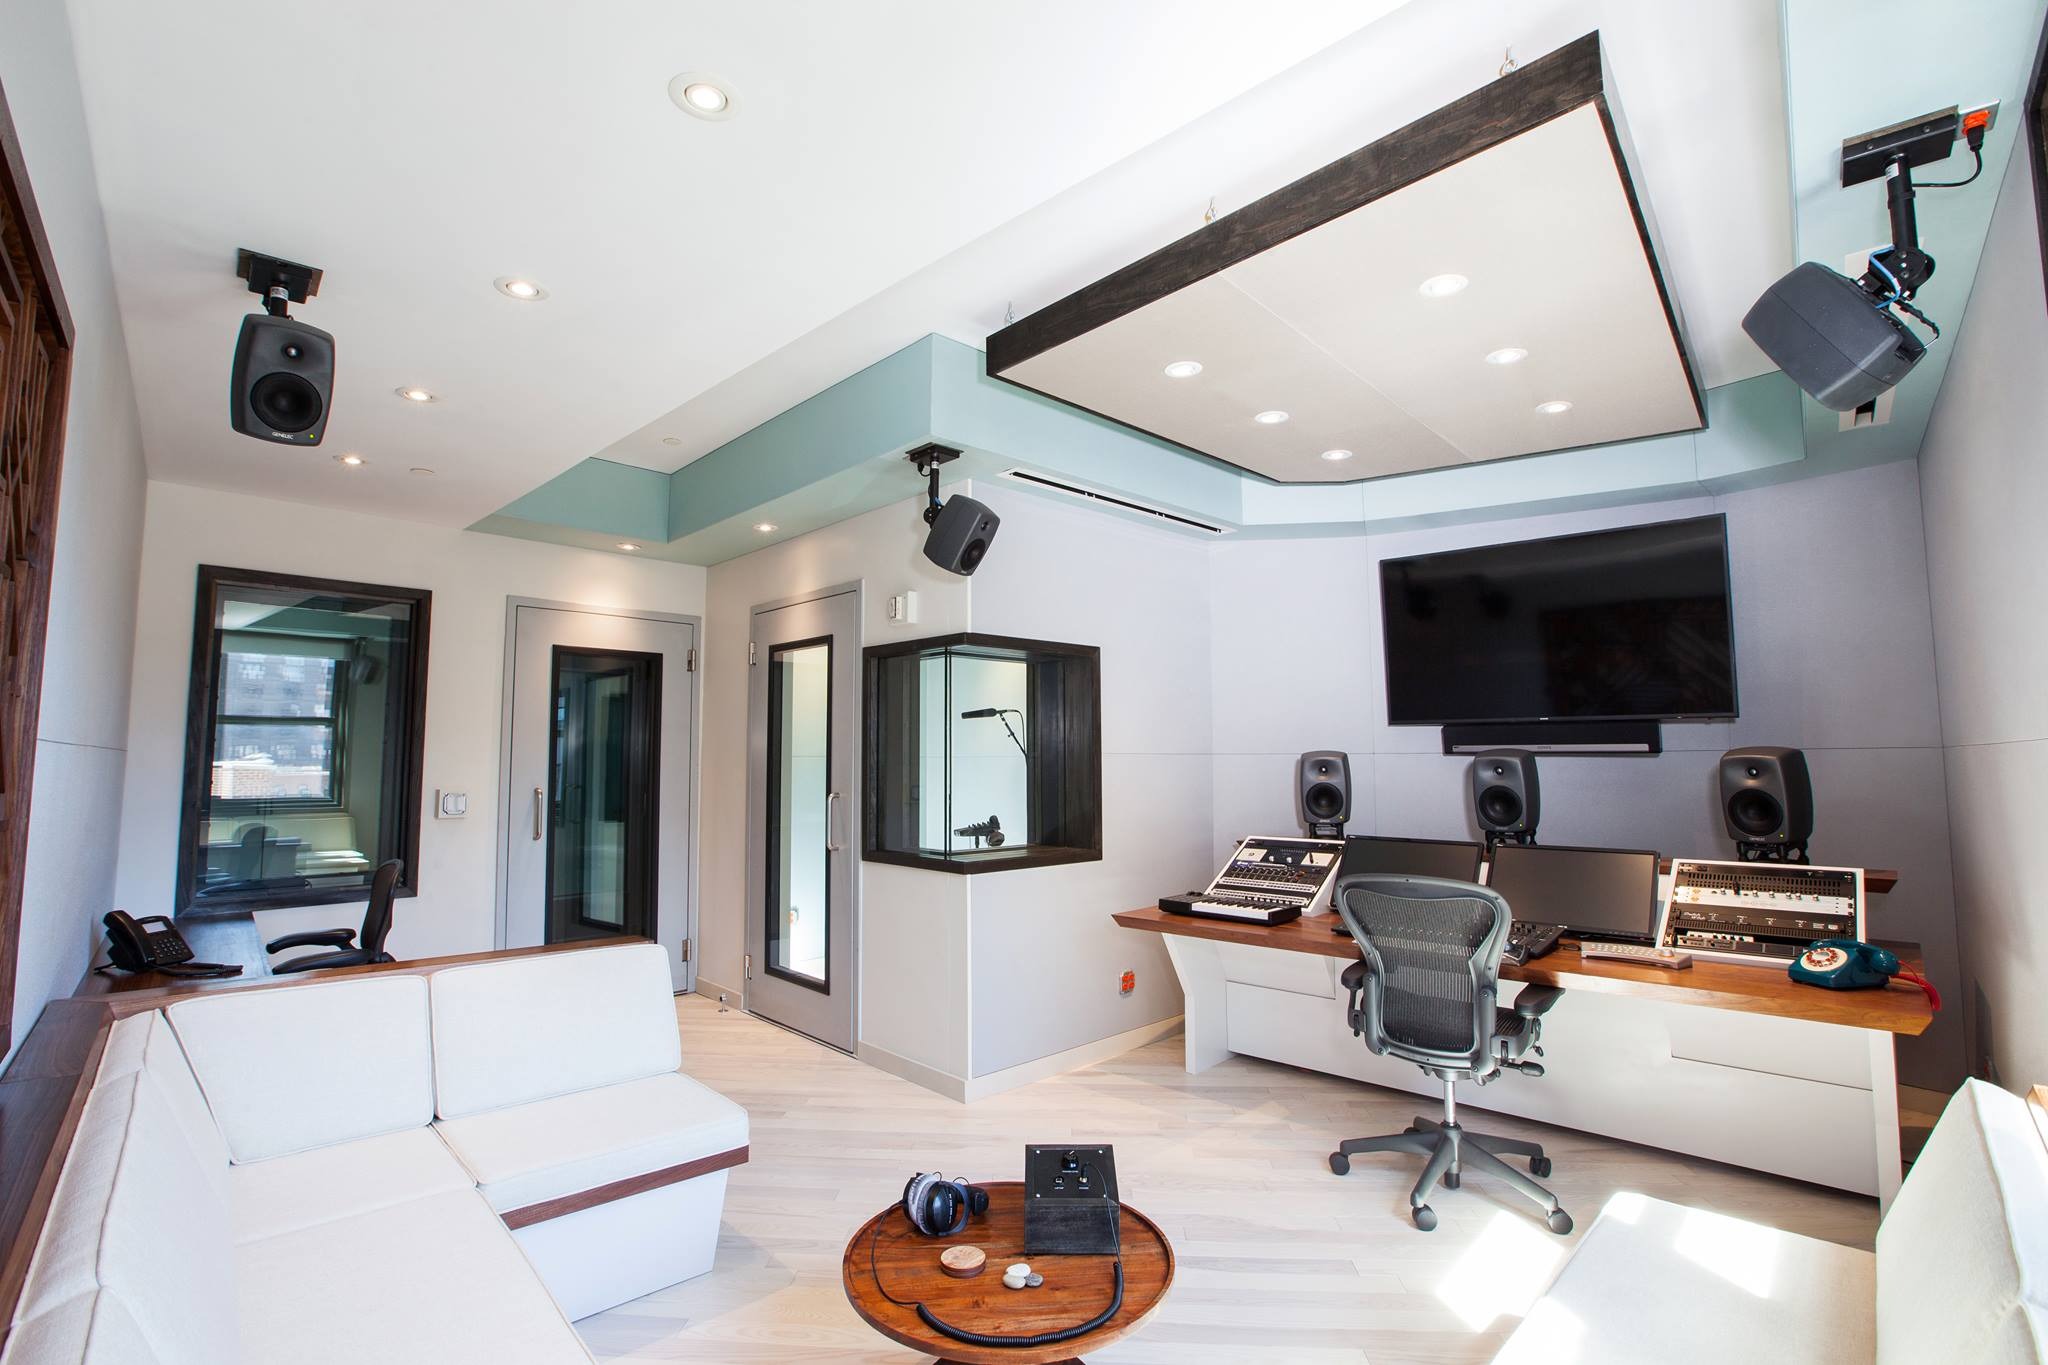 recording studio desk console and Walnut banquette